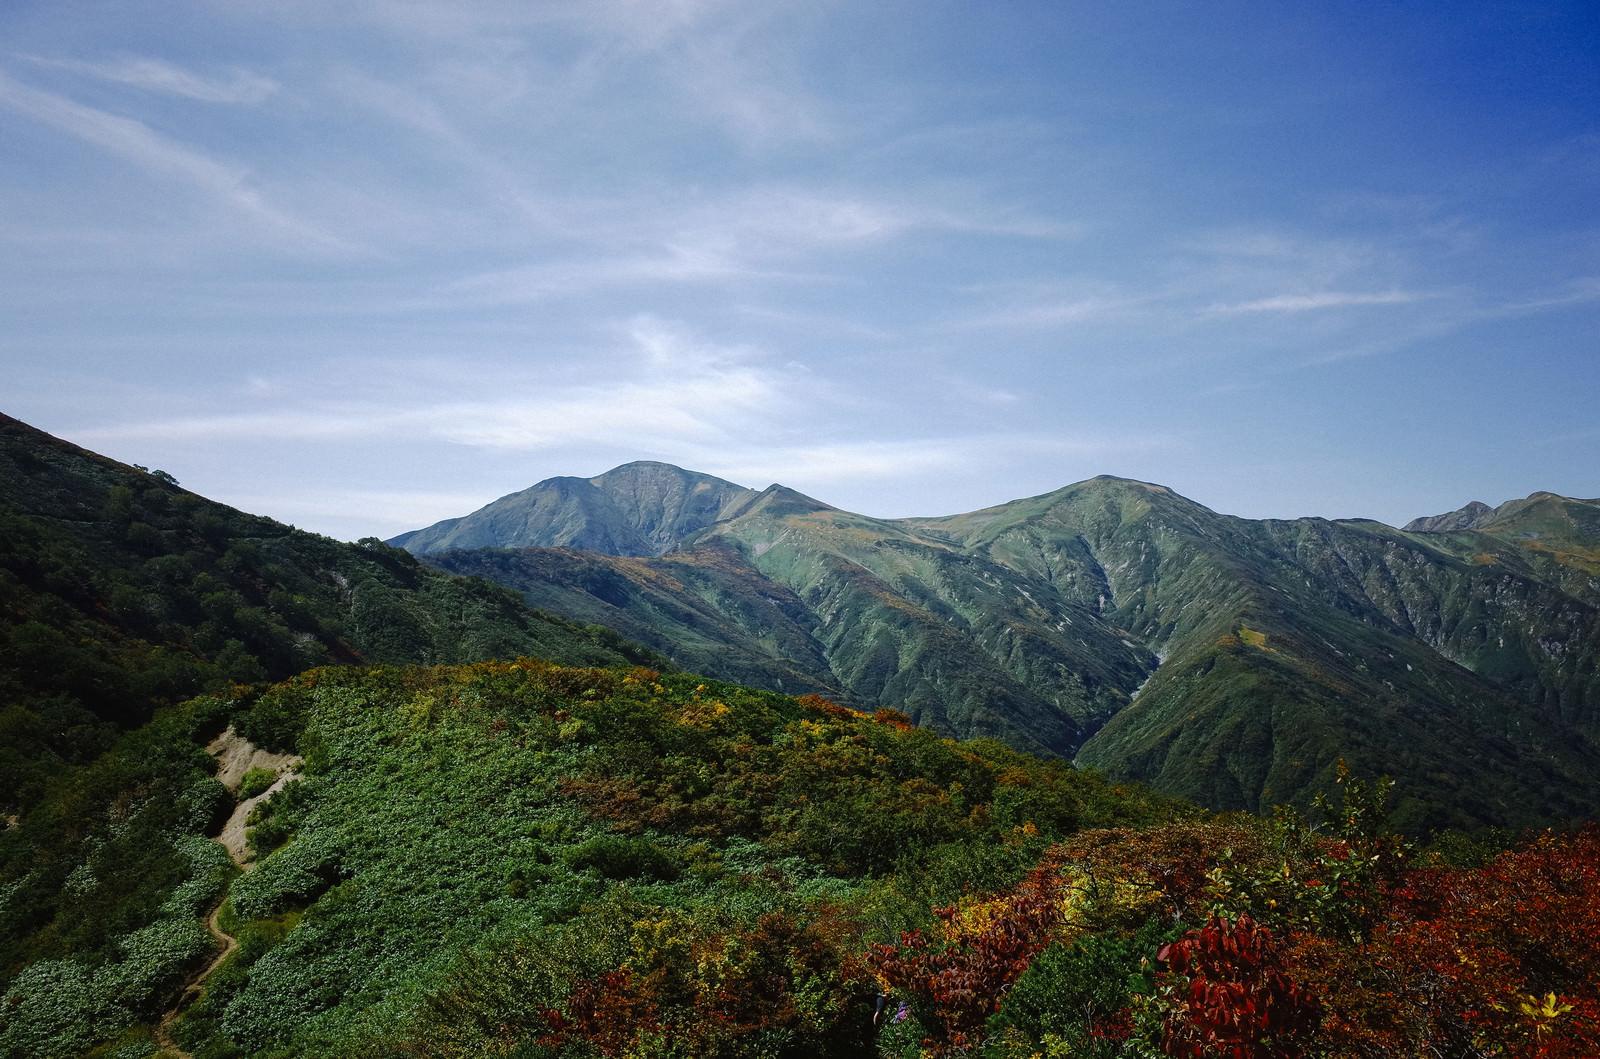 「古寺山から見る大朝日岳の稜線」の写真